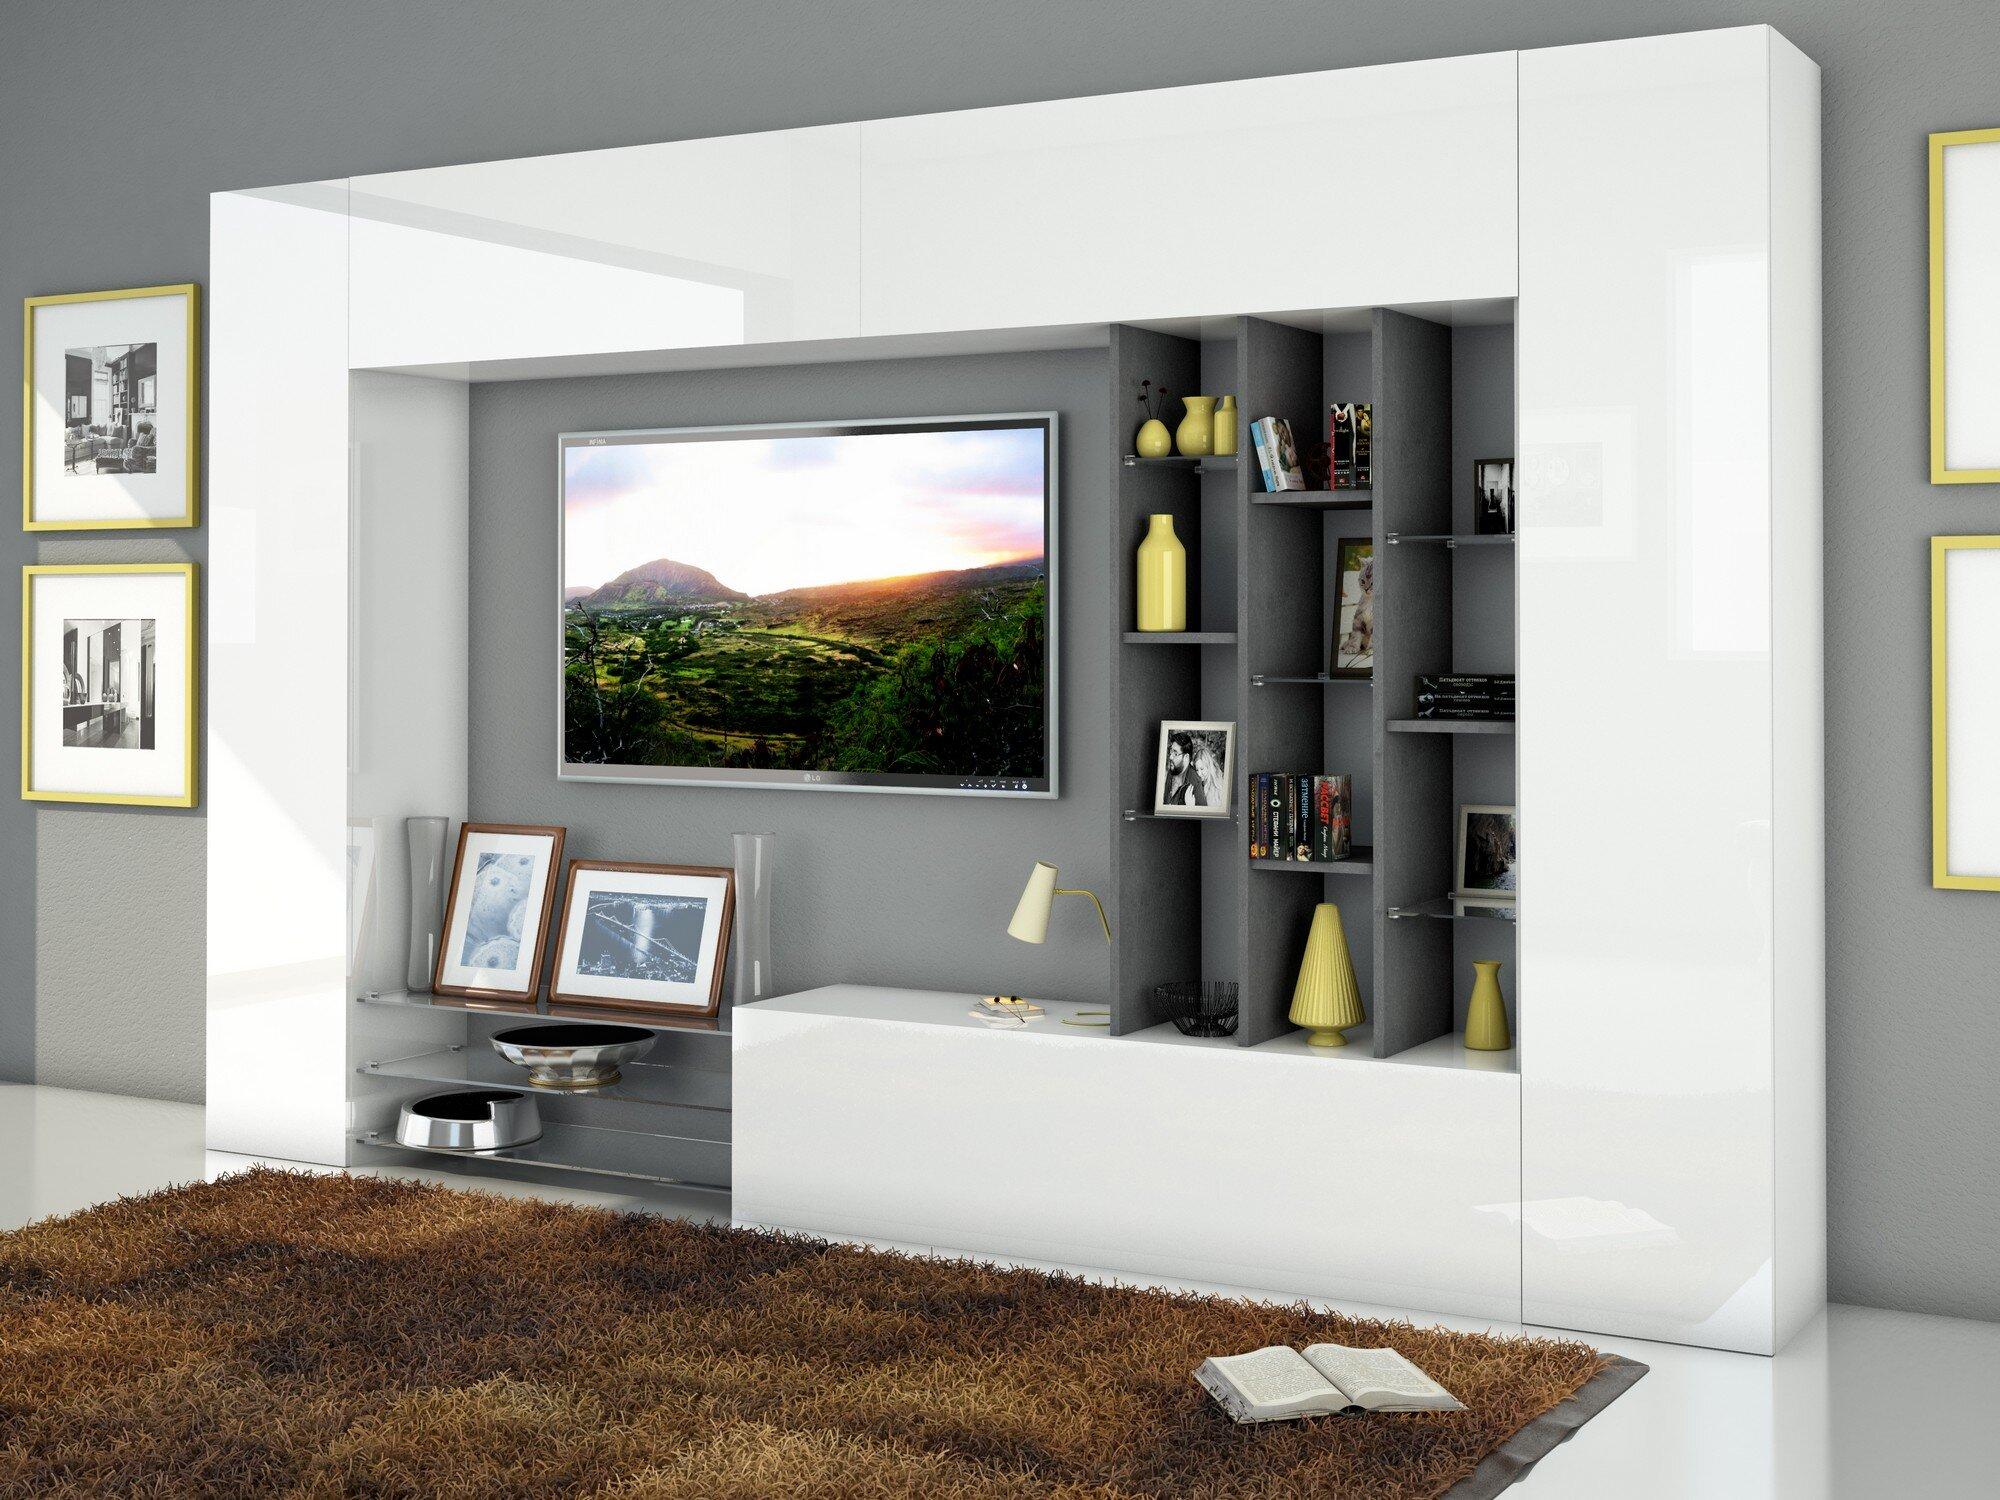 Einzigartig Hochwertige Wohnwände Das Beste Von Castleton Home Wohnwand Egypt Für Tvs Bis